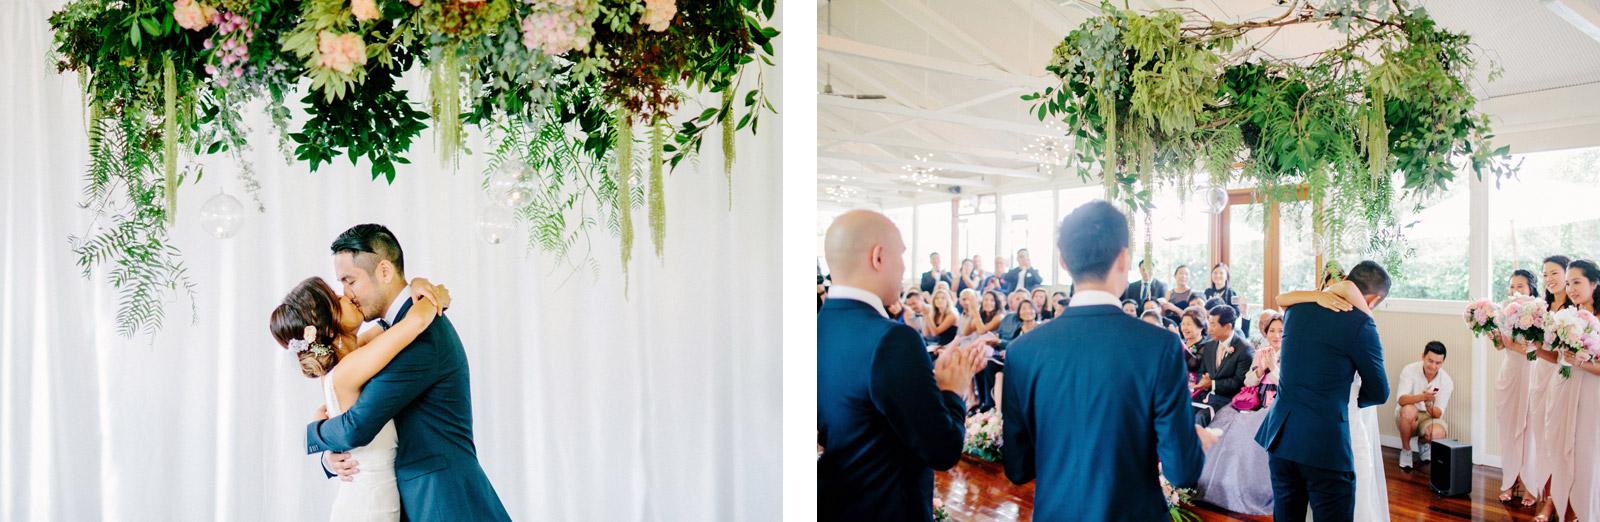 wedding-sonia-kev-057